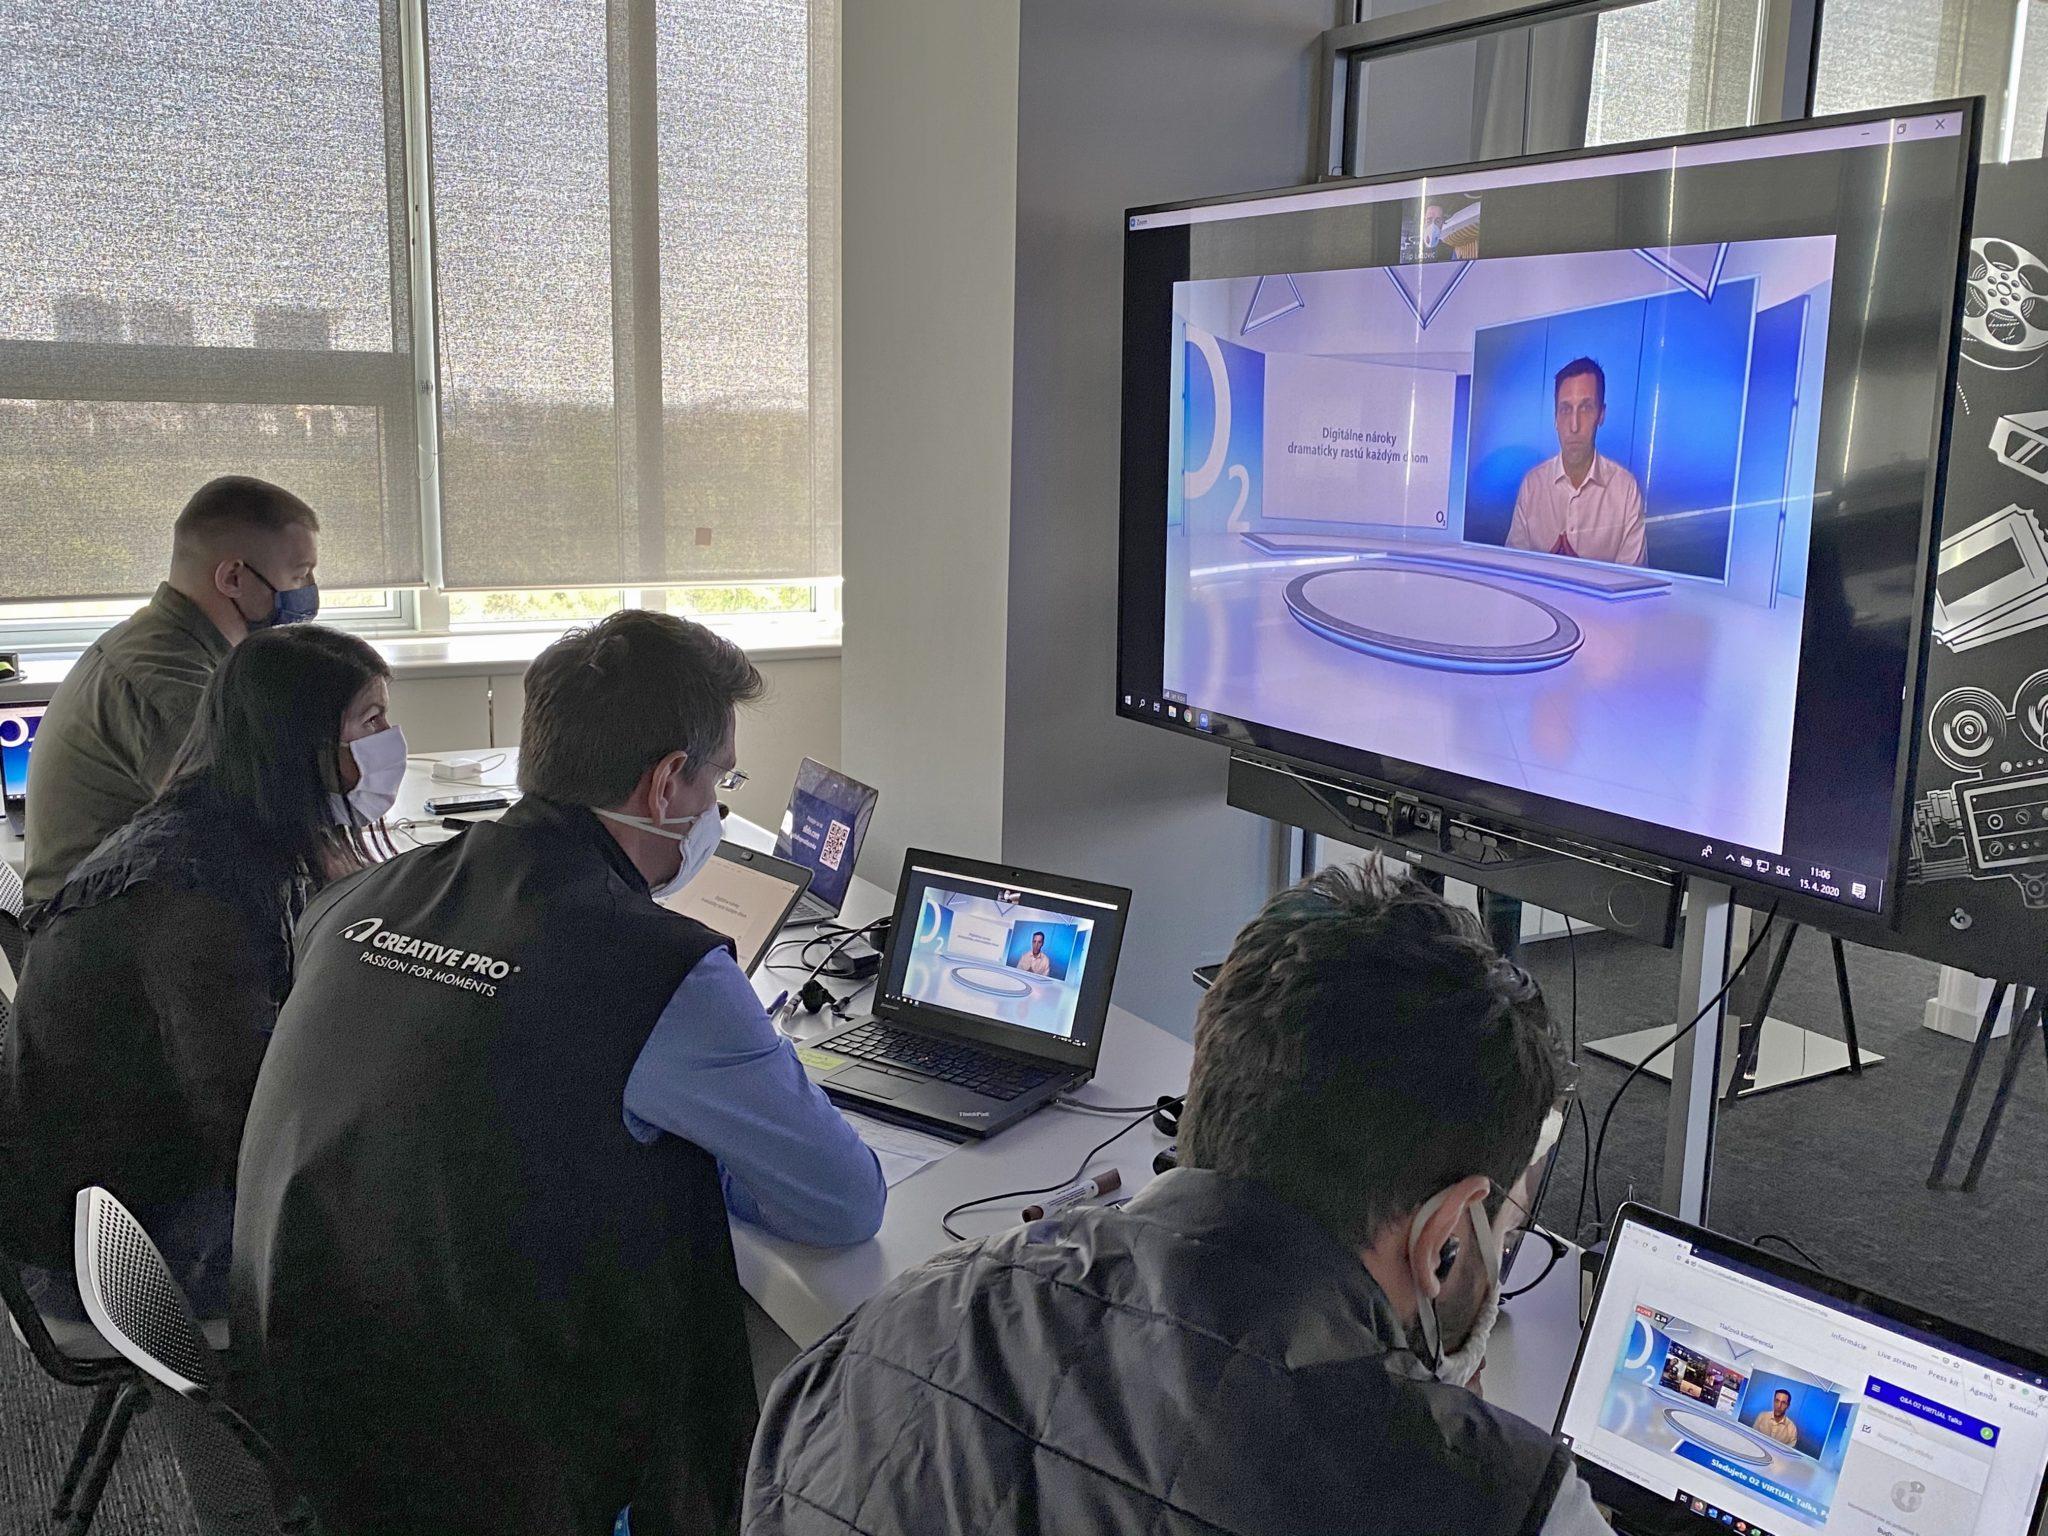 Pohľad do IT centra virtuálneho štúdia